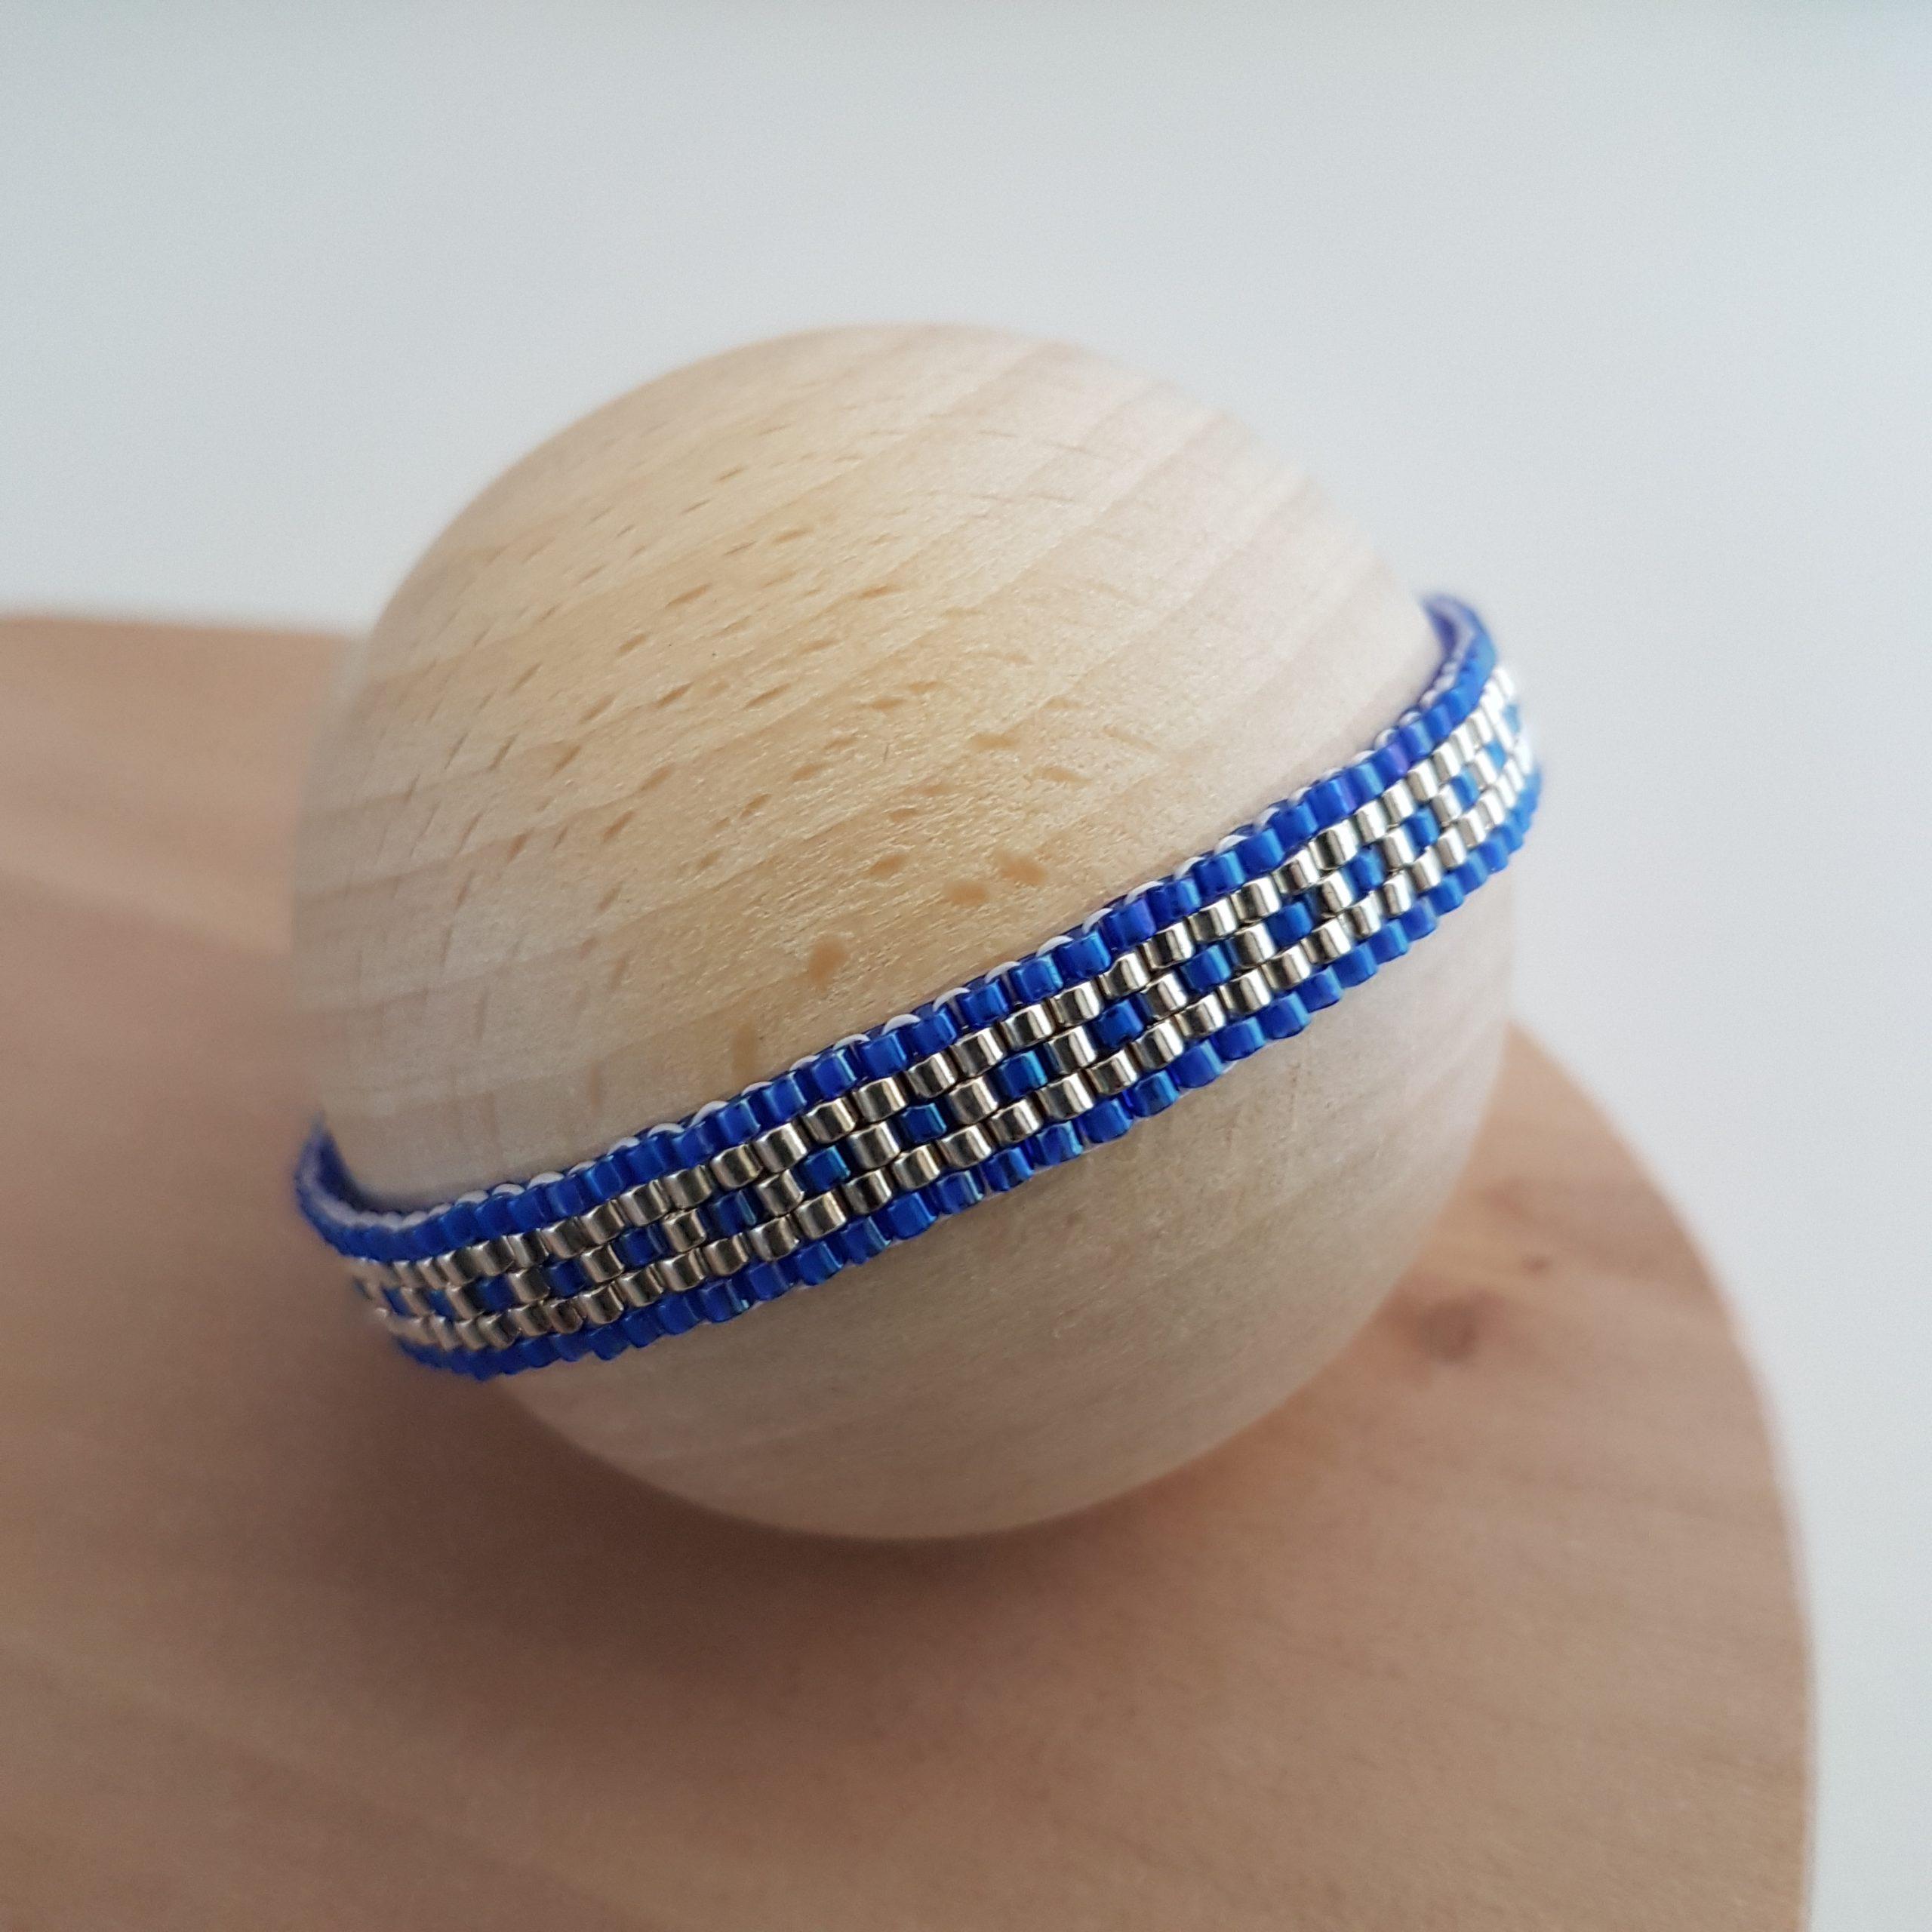 Cadeau Bijou artisanal lyon Bracelet Les cumulables bleu roi argent 925 miyuki